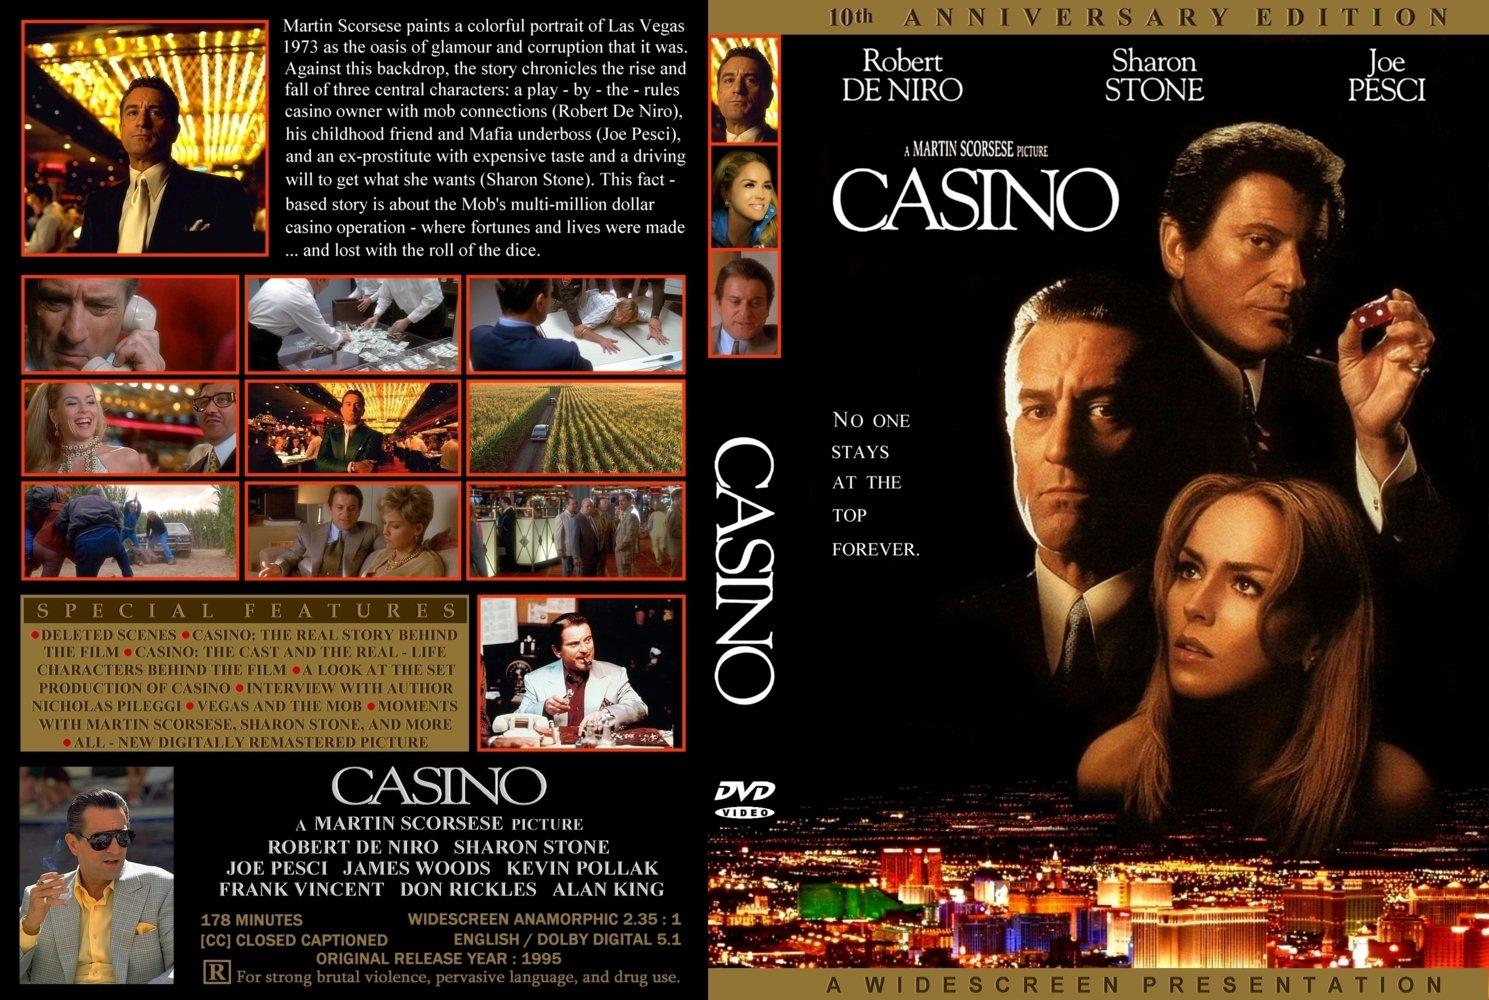 casino movie online www kostenlos spielen